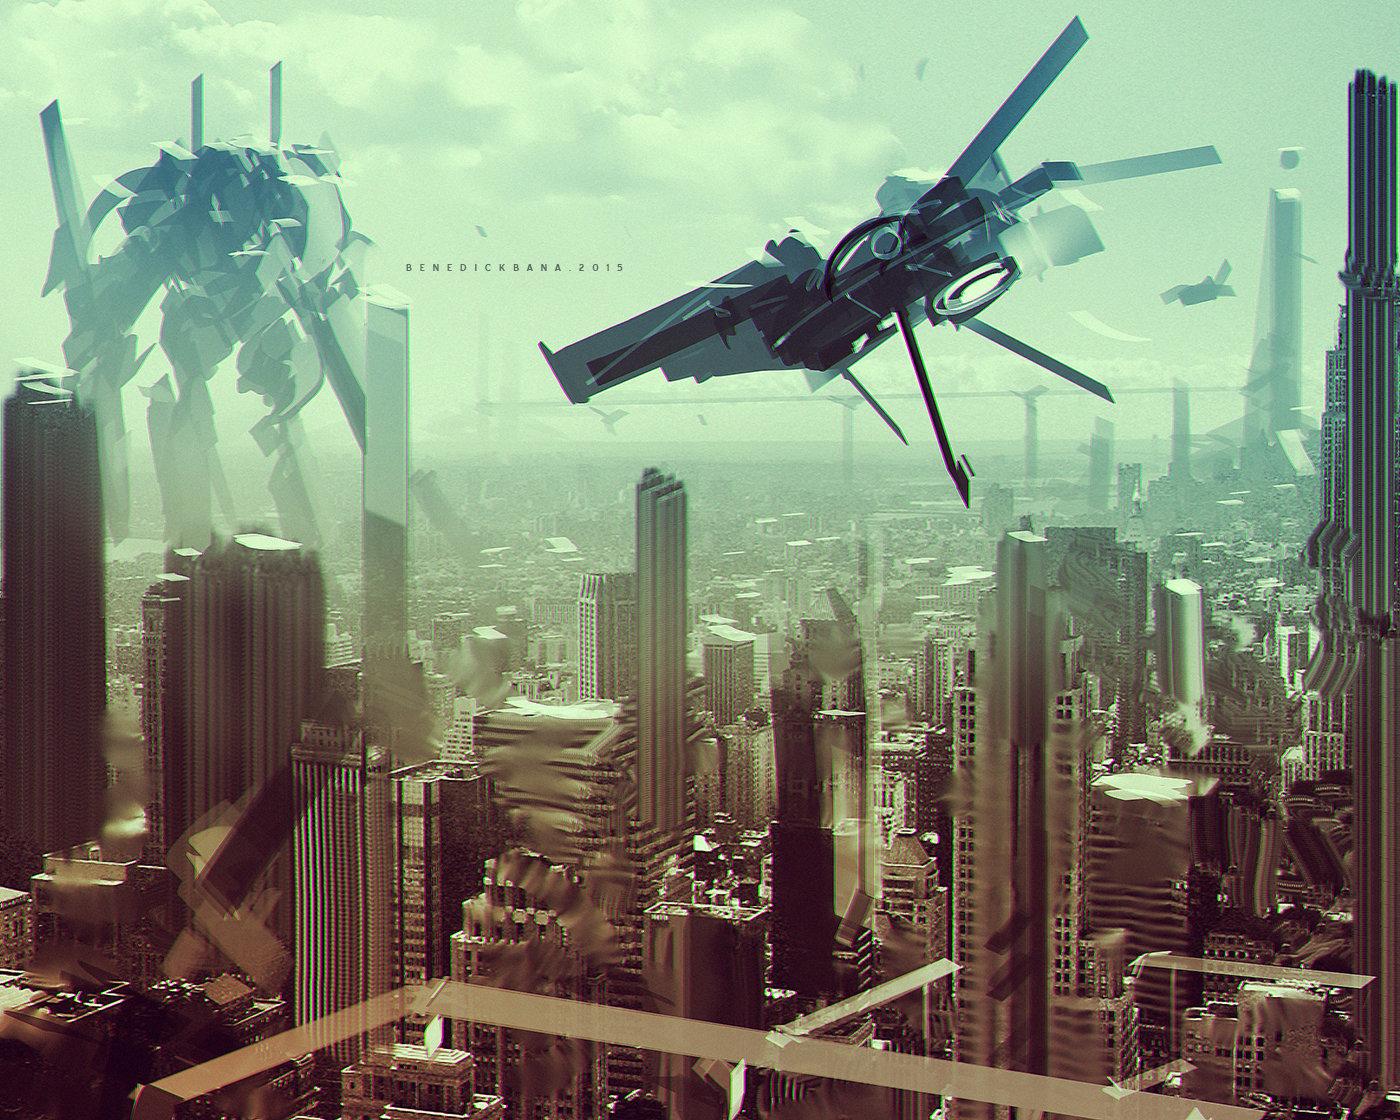 Benedick bana guardian city lores